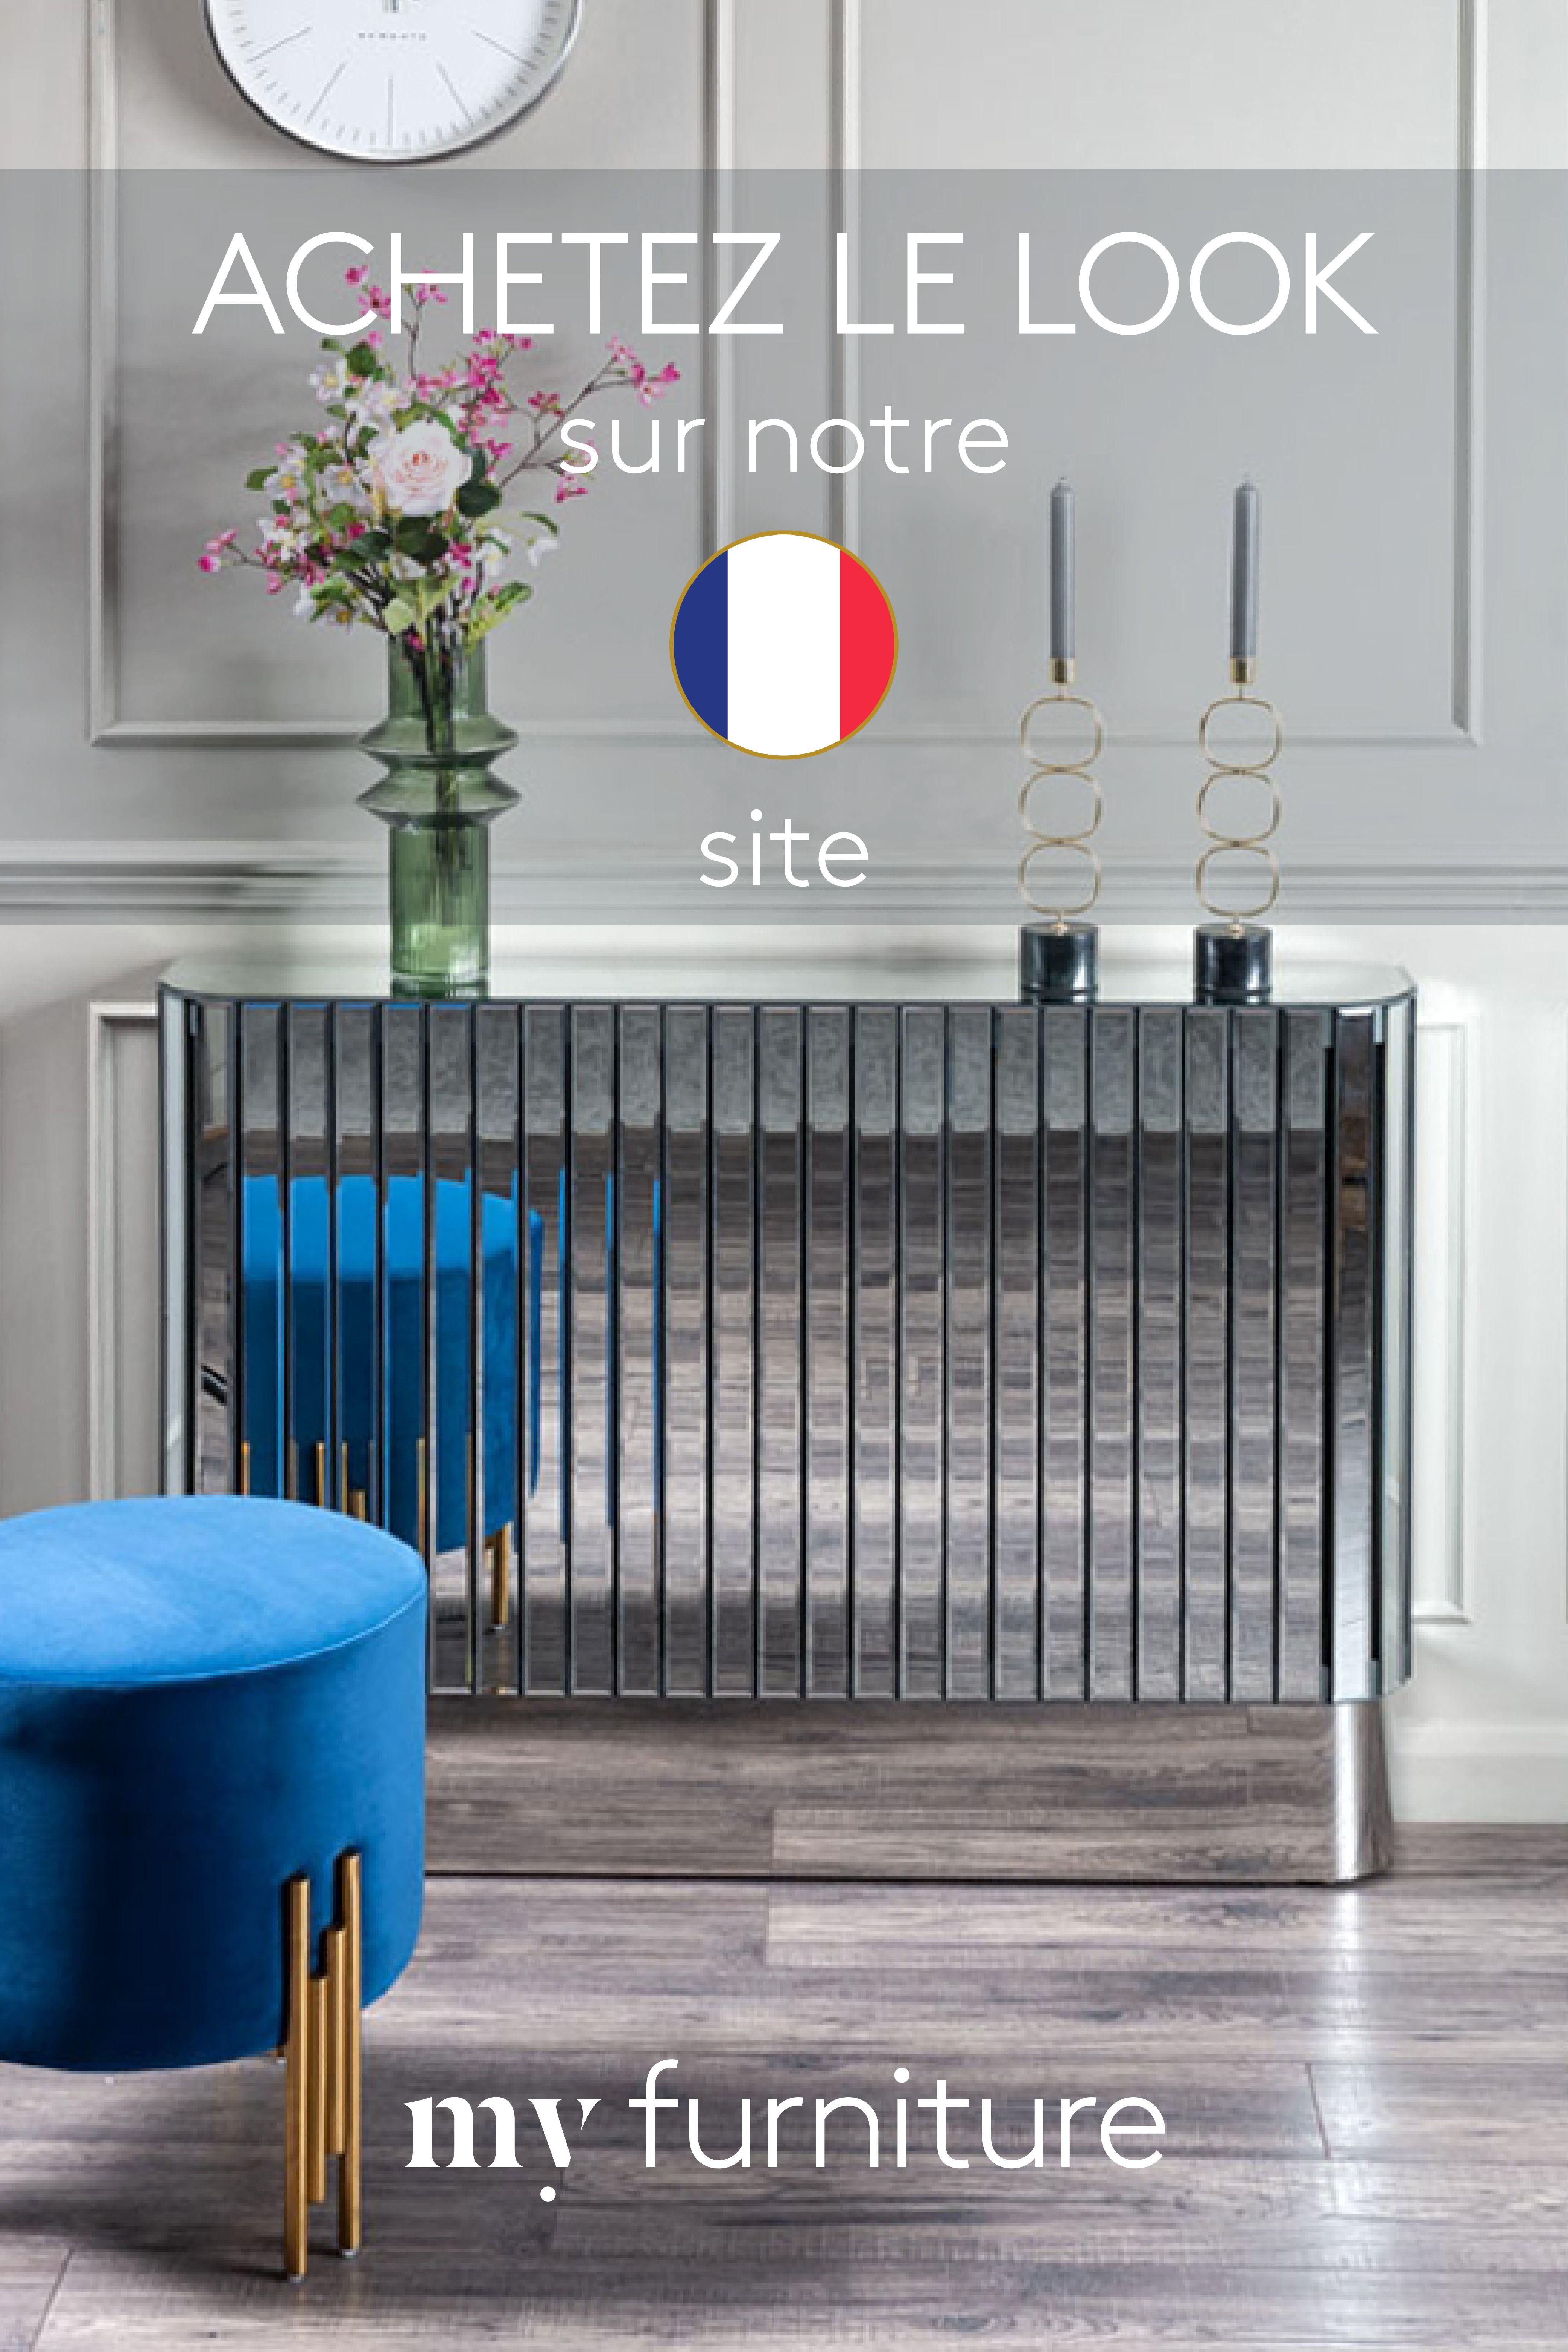 Achetez Le Look En 2020 Mobilier De Luxe Decoration Maison Deco Maison